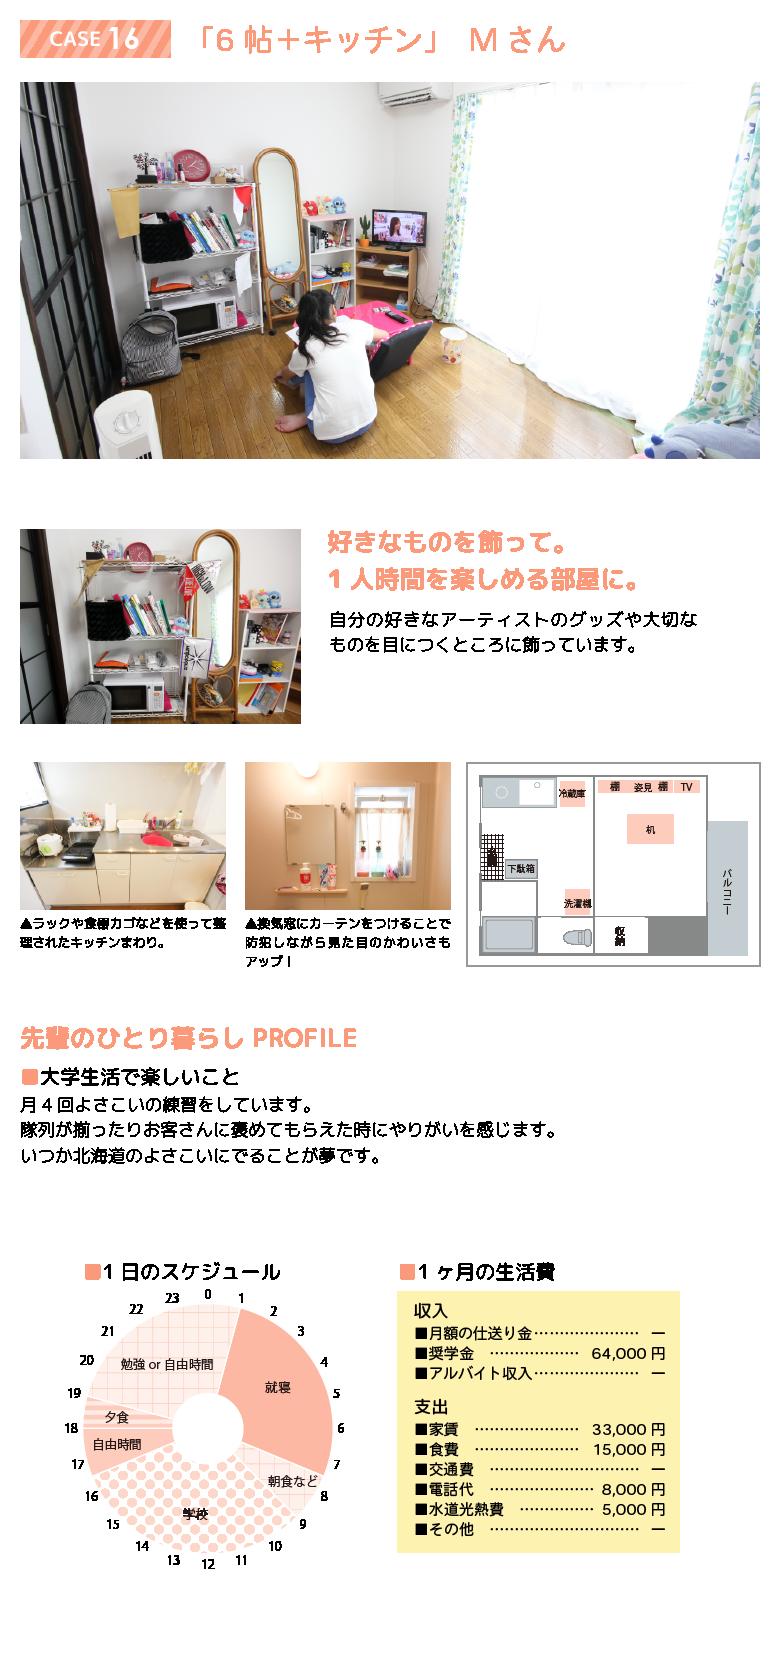 先輩のお部屋 case16